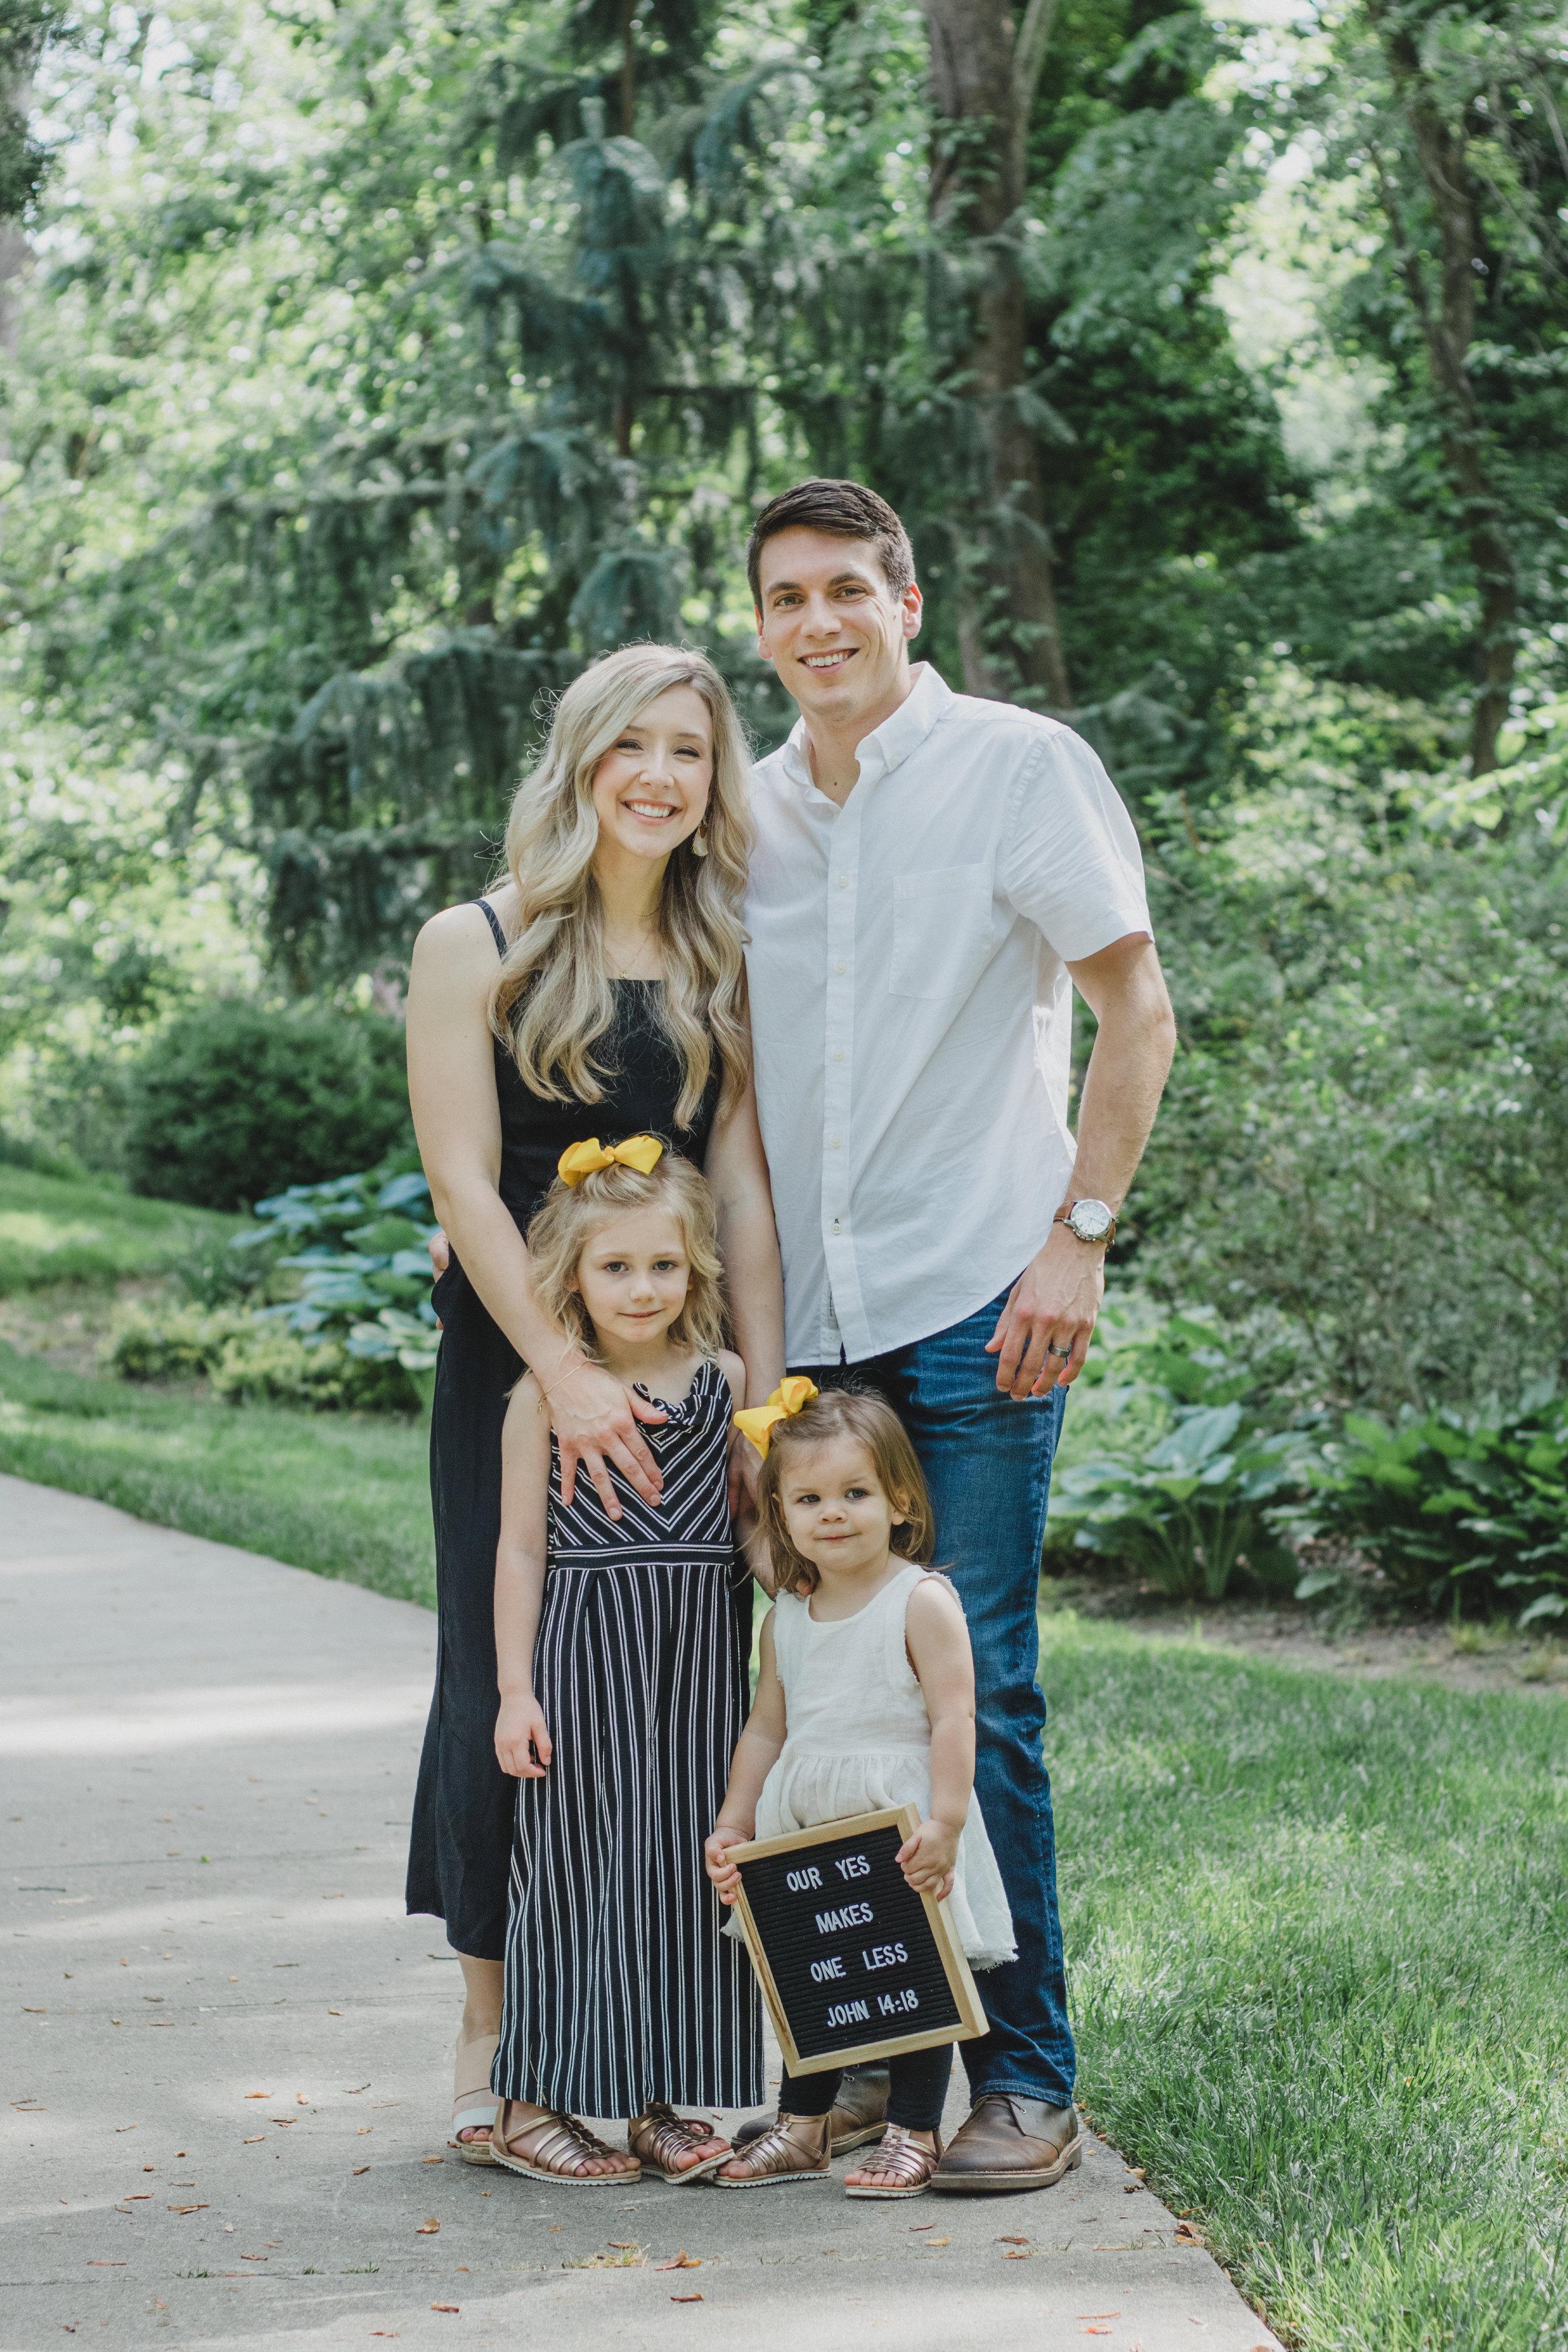 2019.05.04 - Smith Family-41.jpeg